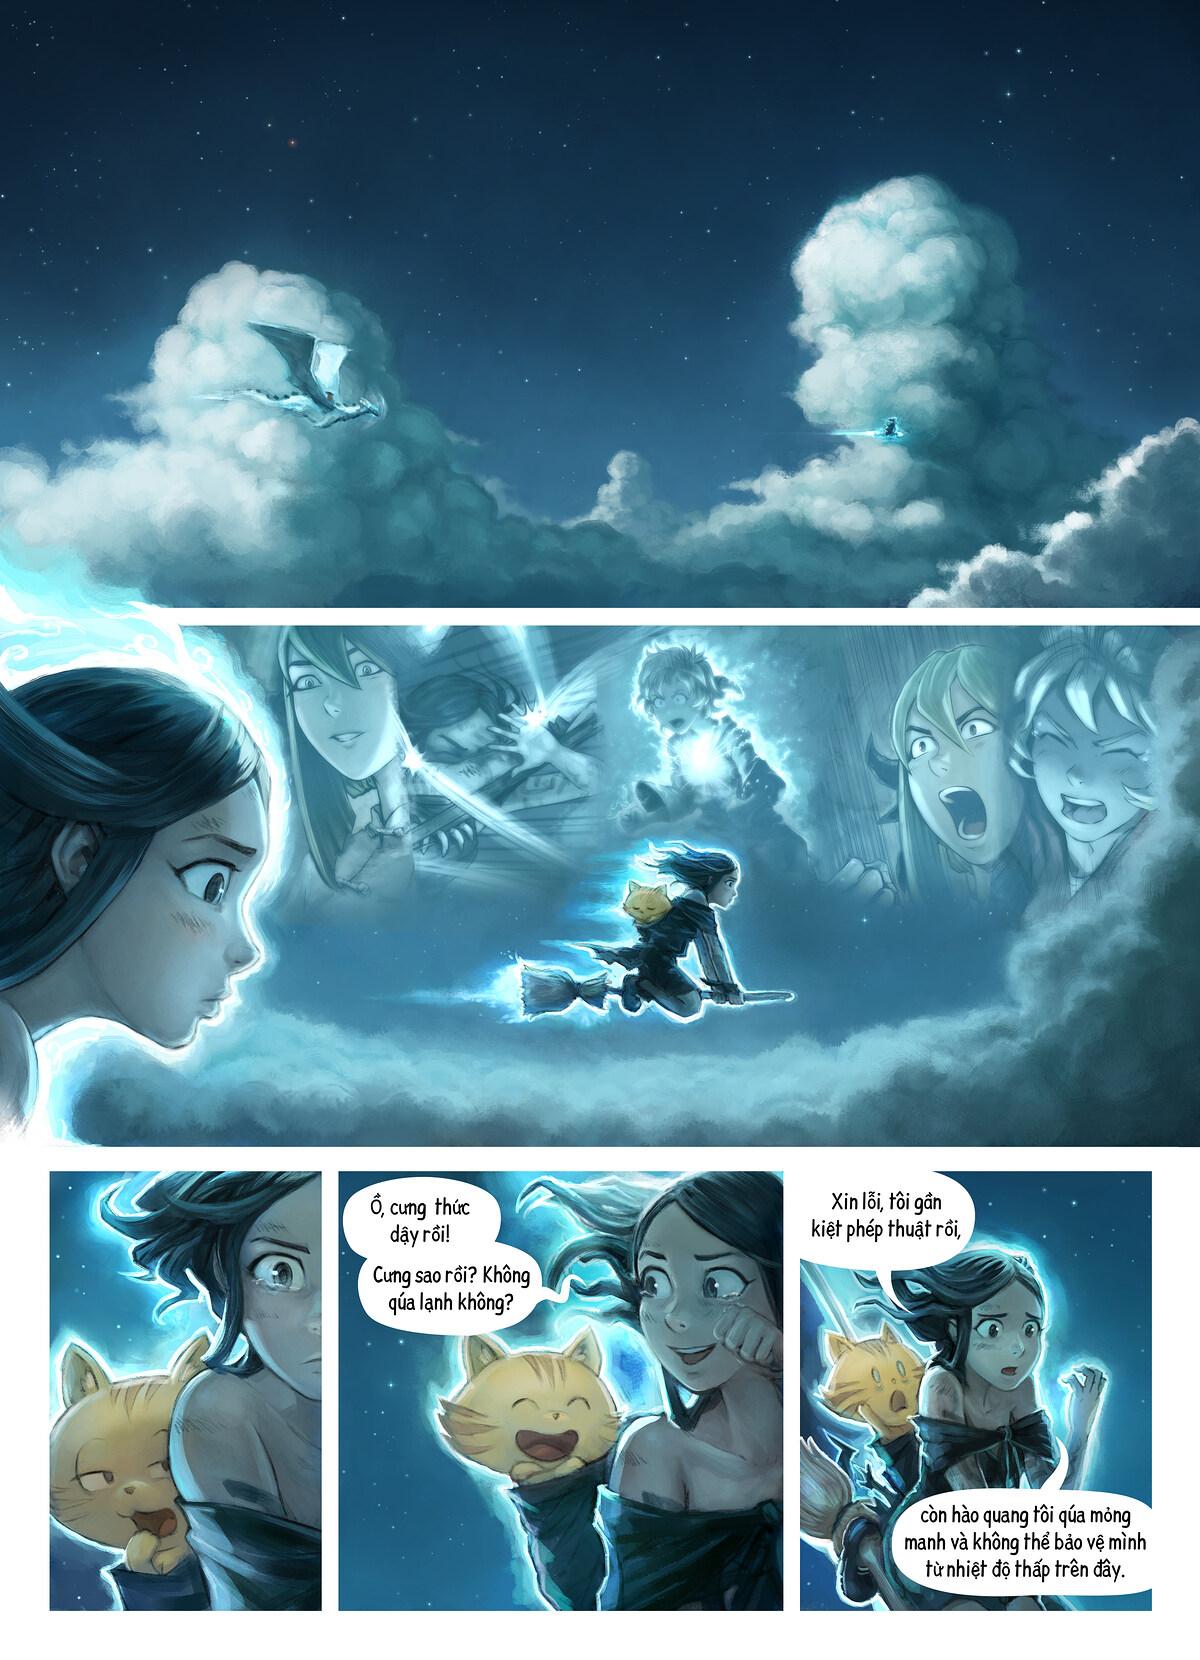 Tập 35: Ảnh Phản Xạ, Trang 1